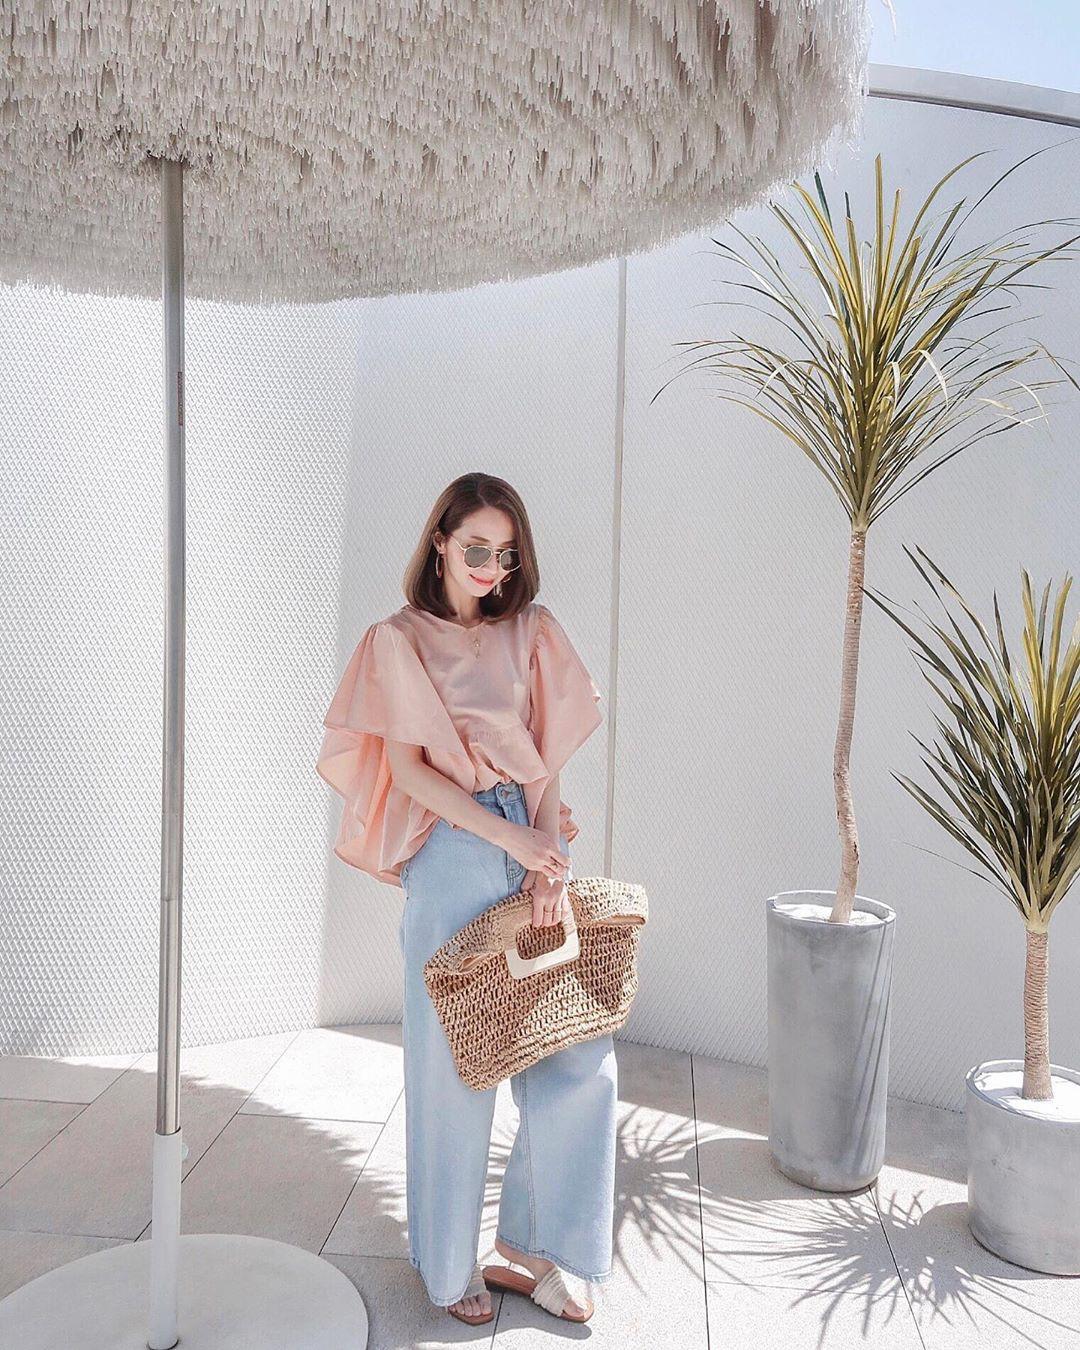 Nô nức diện váy thô mùa hè cho mát, muốn mặc đẹp hãy tham khảo 15 bộ đồ từ street style Châu Á này - Ảnh 15.